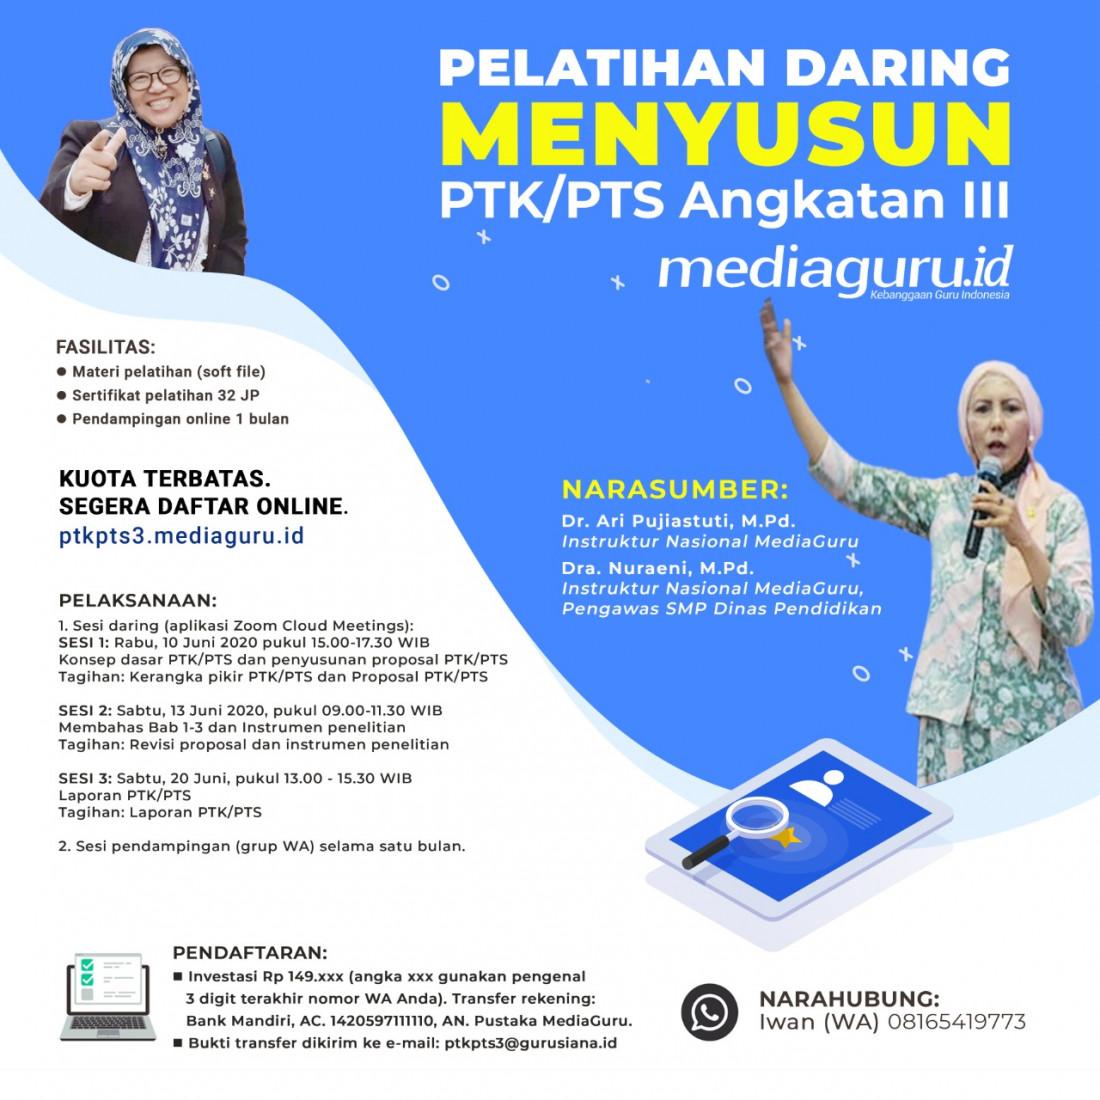 Pelatihan Daring Menyusun PTK/PTS III (10 - 20 Juni 2020)